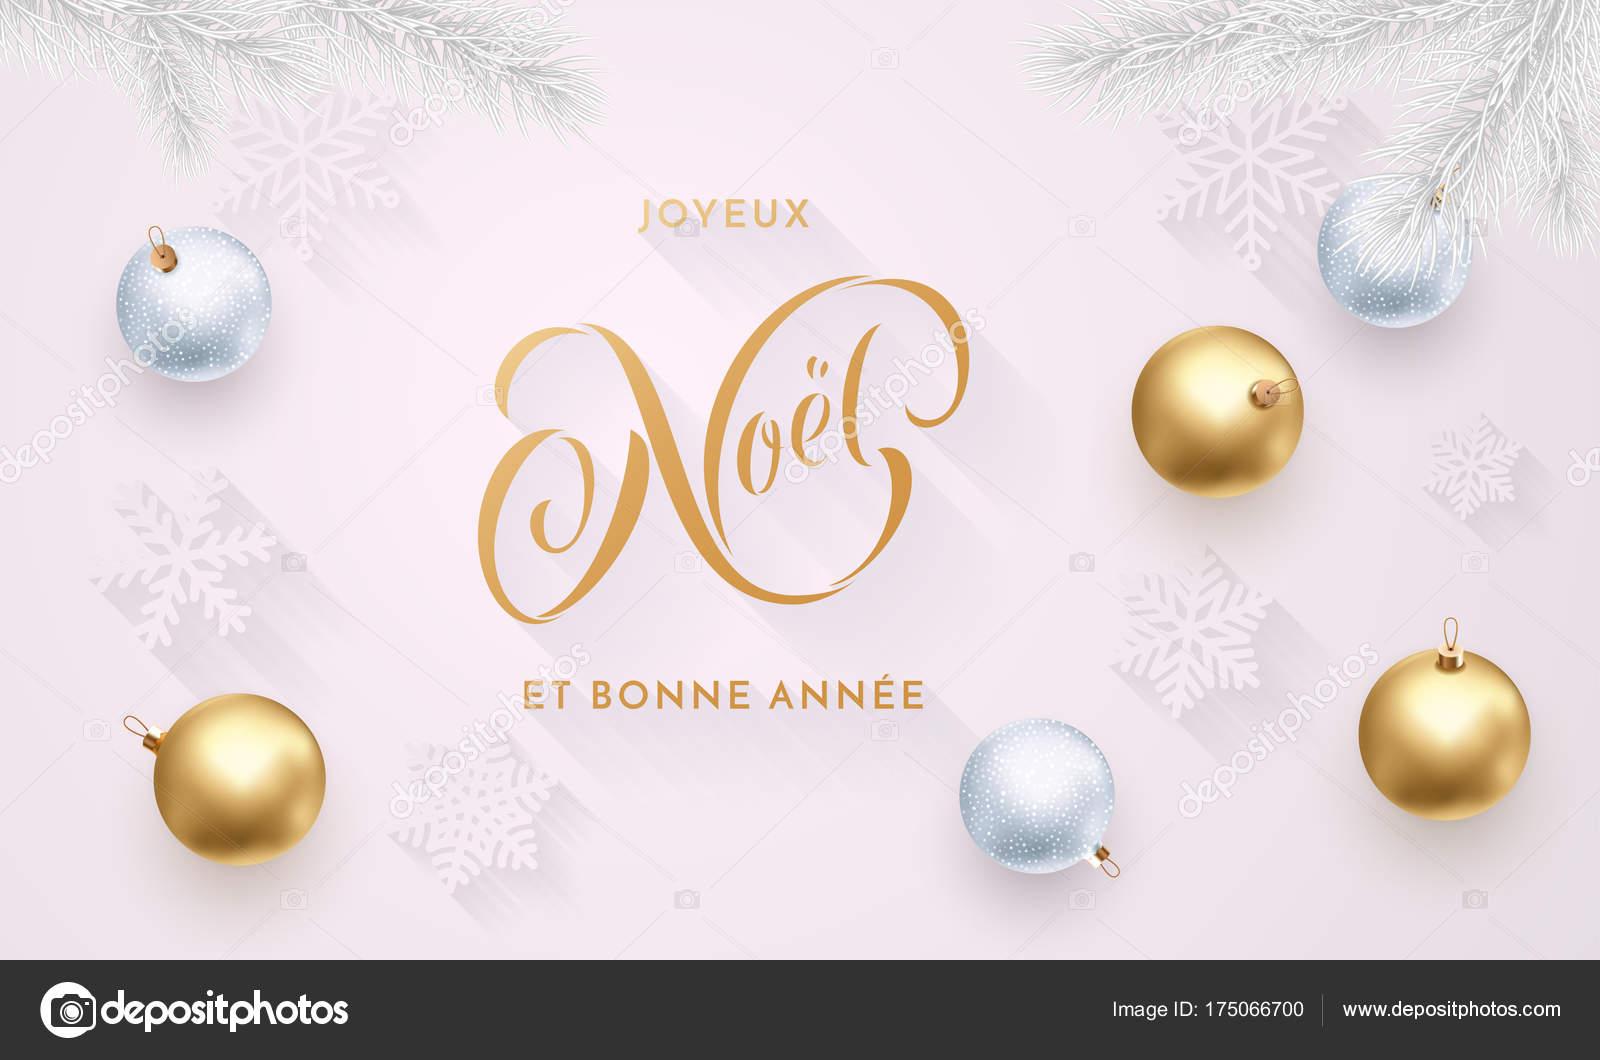 Auguri Di Buon Natale E Felice Anno Nuovo In Francese.Joyeux Noel E Bonne Annee Francese Buon Natale E Felice Anno